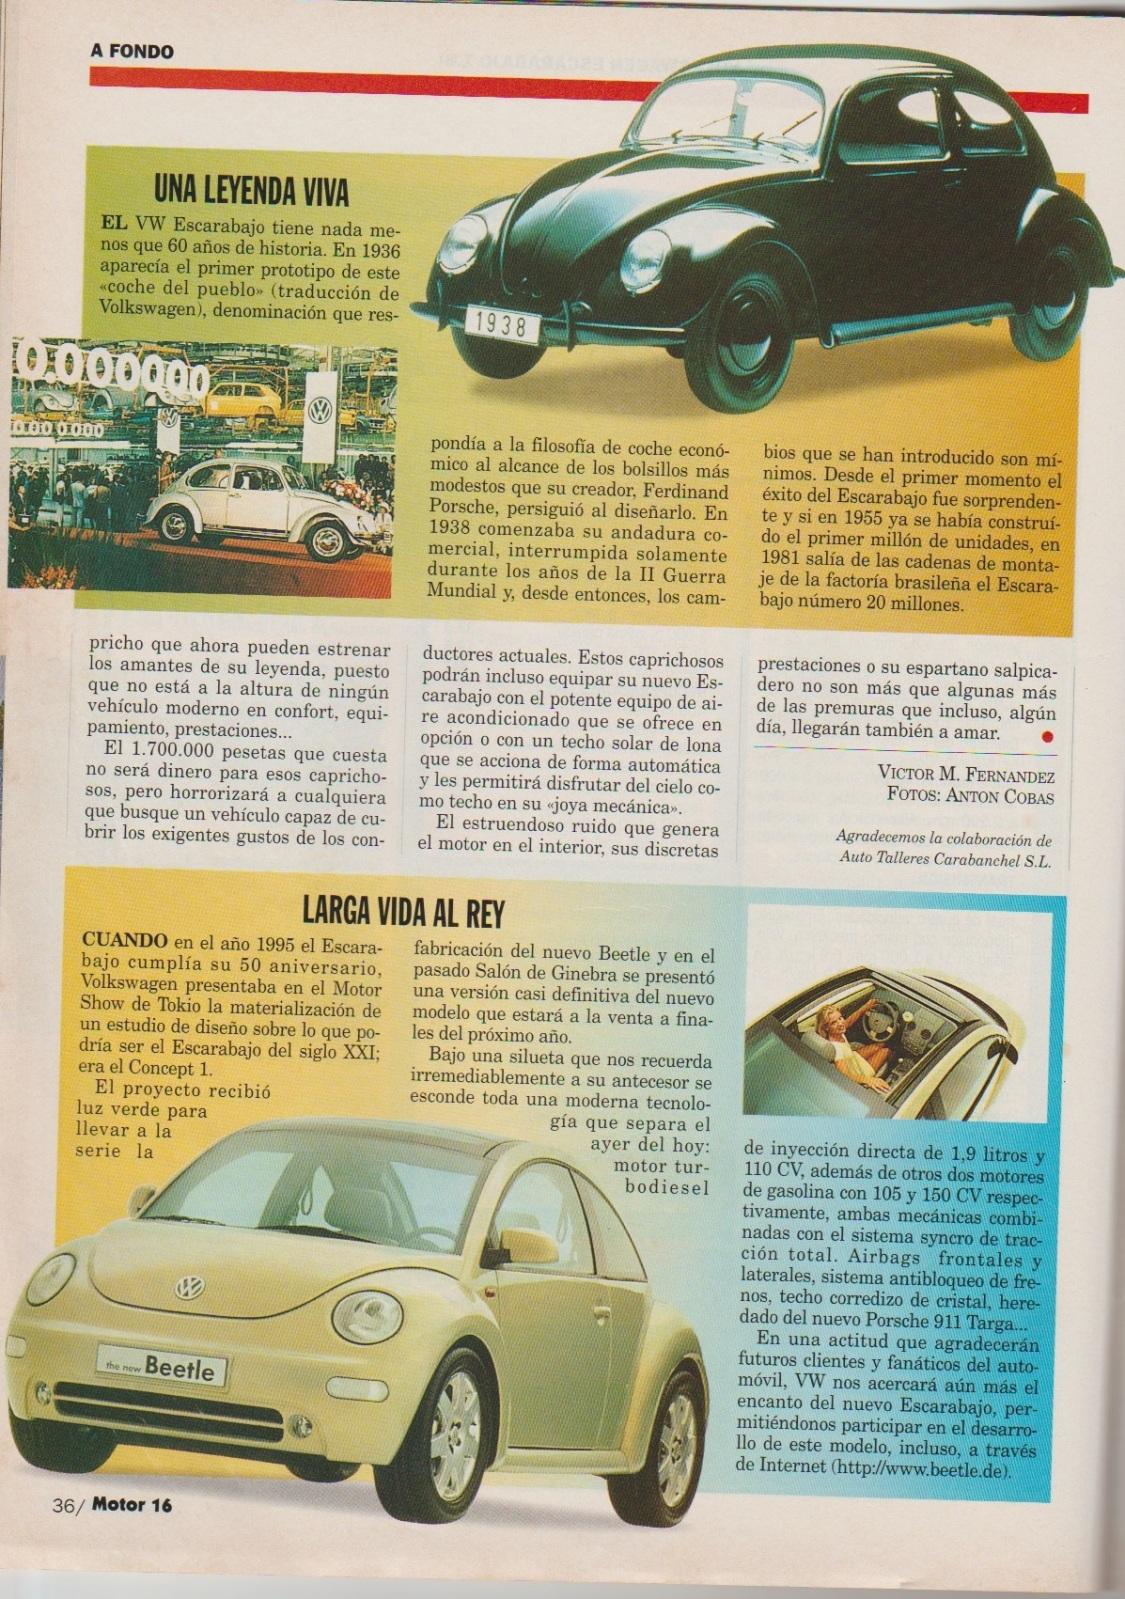 Prueba del Escarabajo 1600i por Motor 16 (1996) Nz1vs4